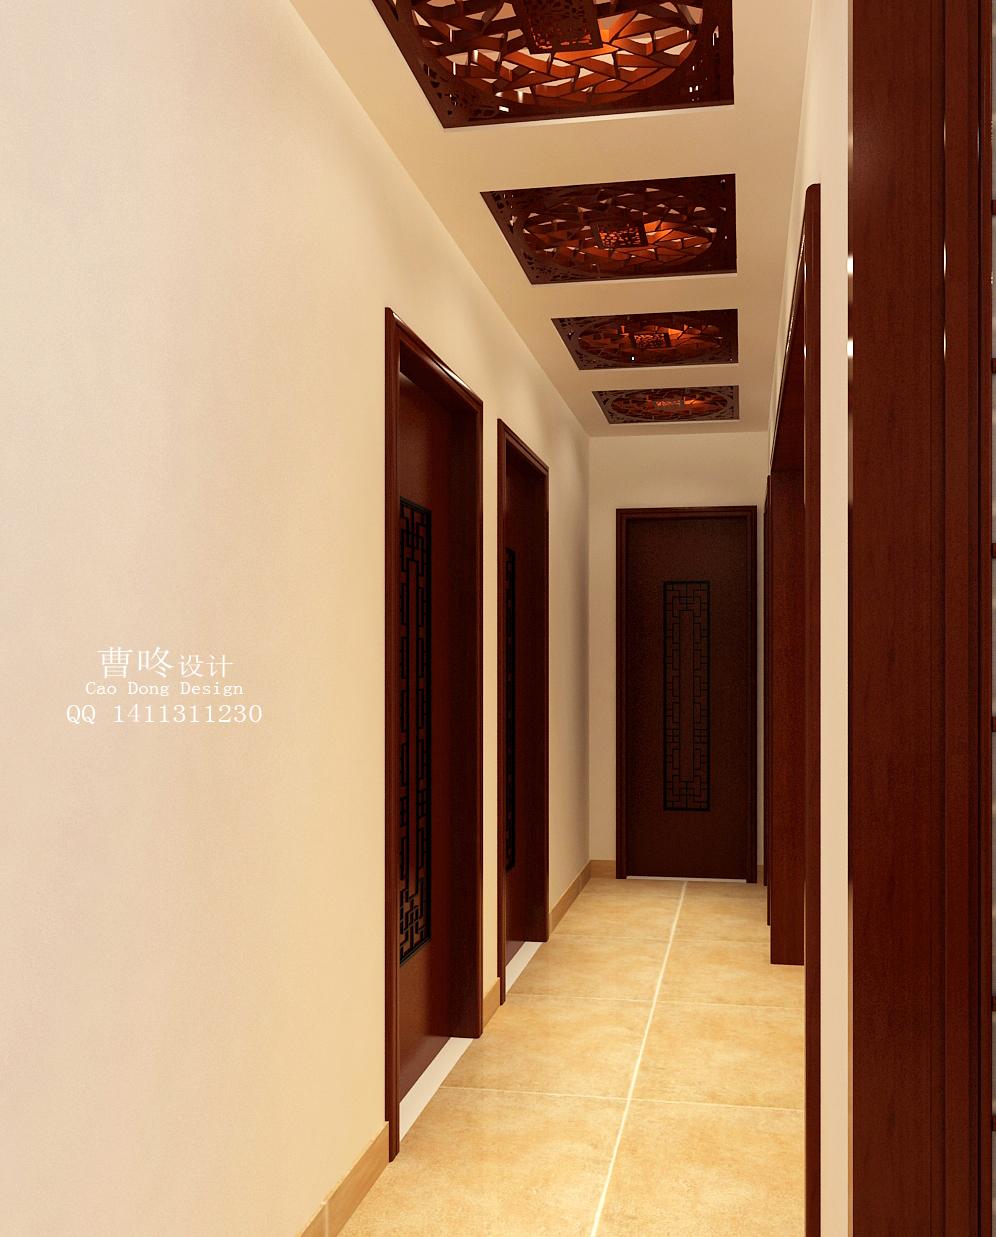 中国风 韵味 楼梯图片来自曹咚在《中国风》曹咚的分享